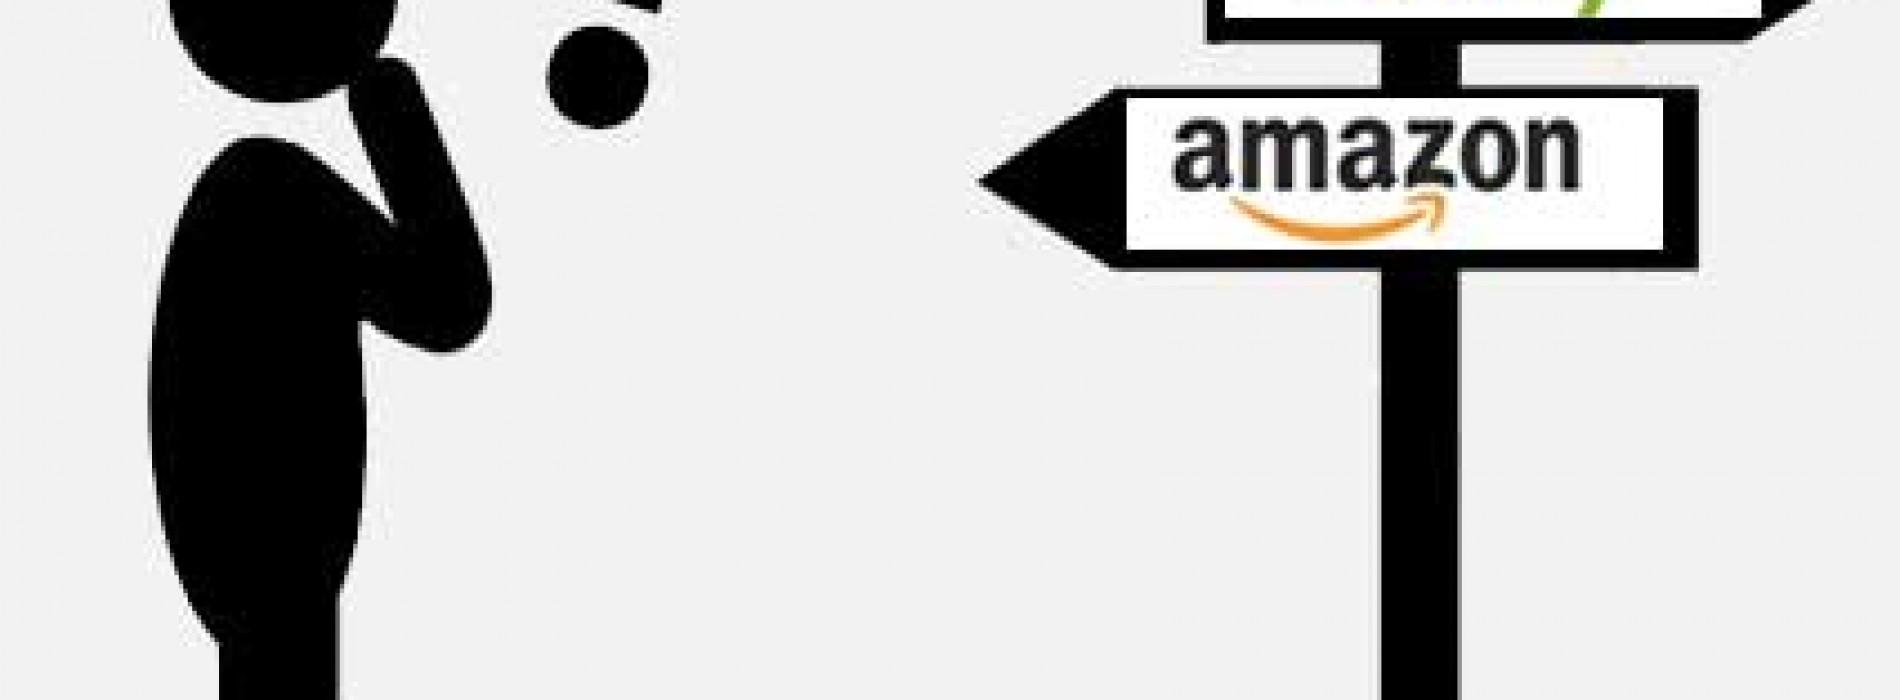 موقع isitgoodprice.com لمقارنة الاسعار بين Amazon و eBay